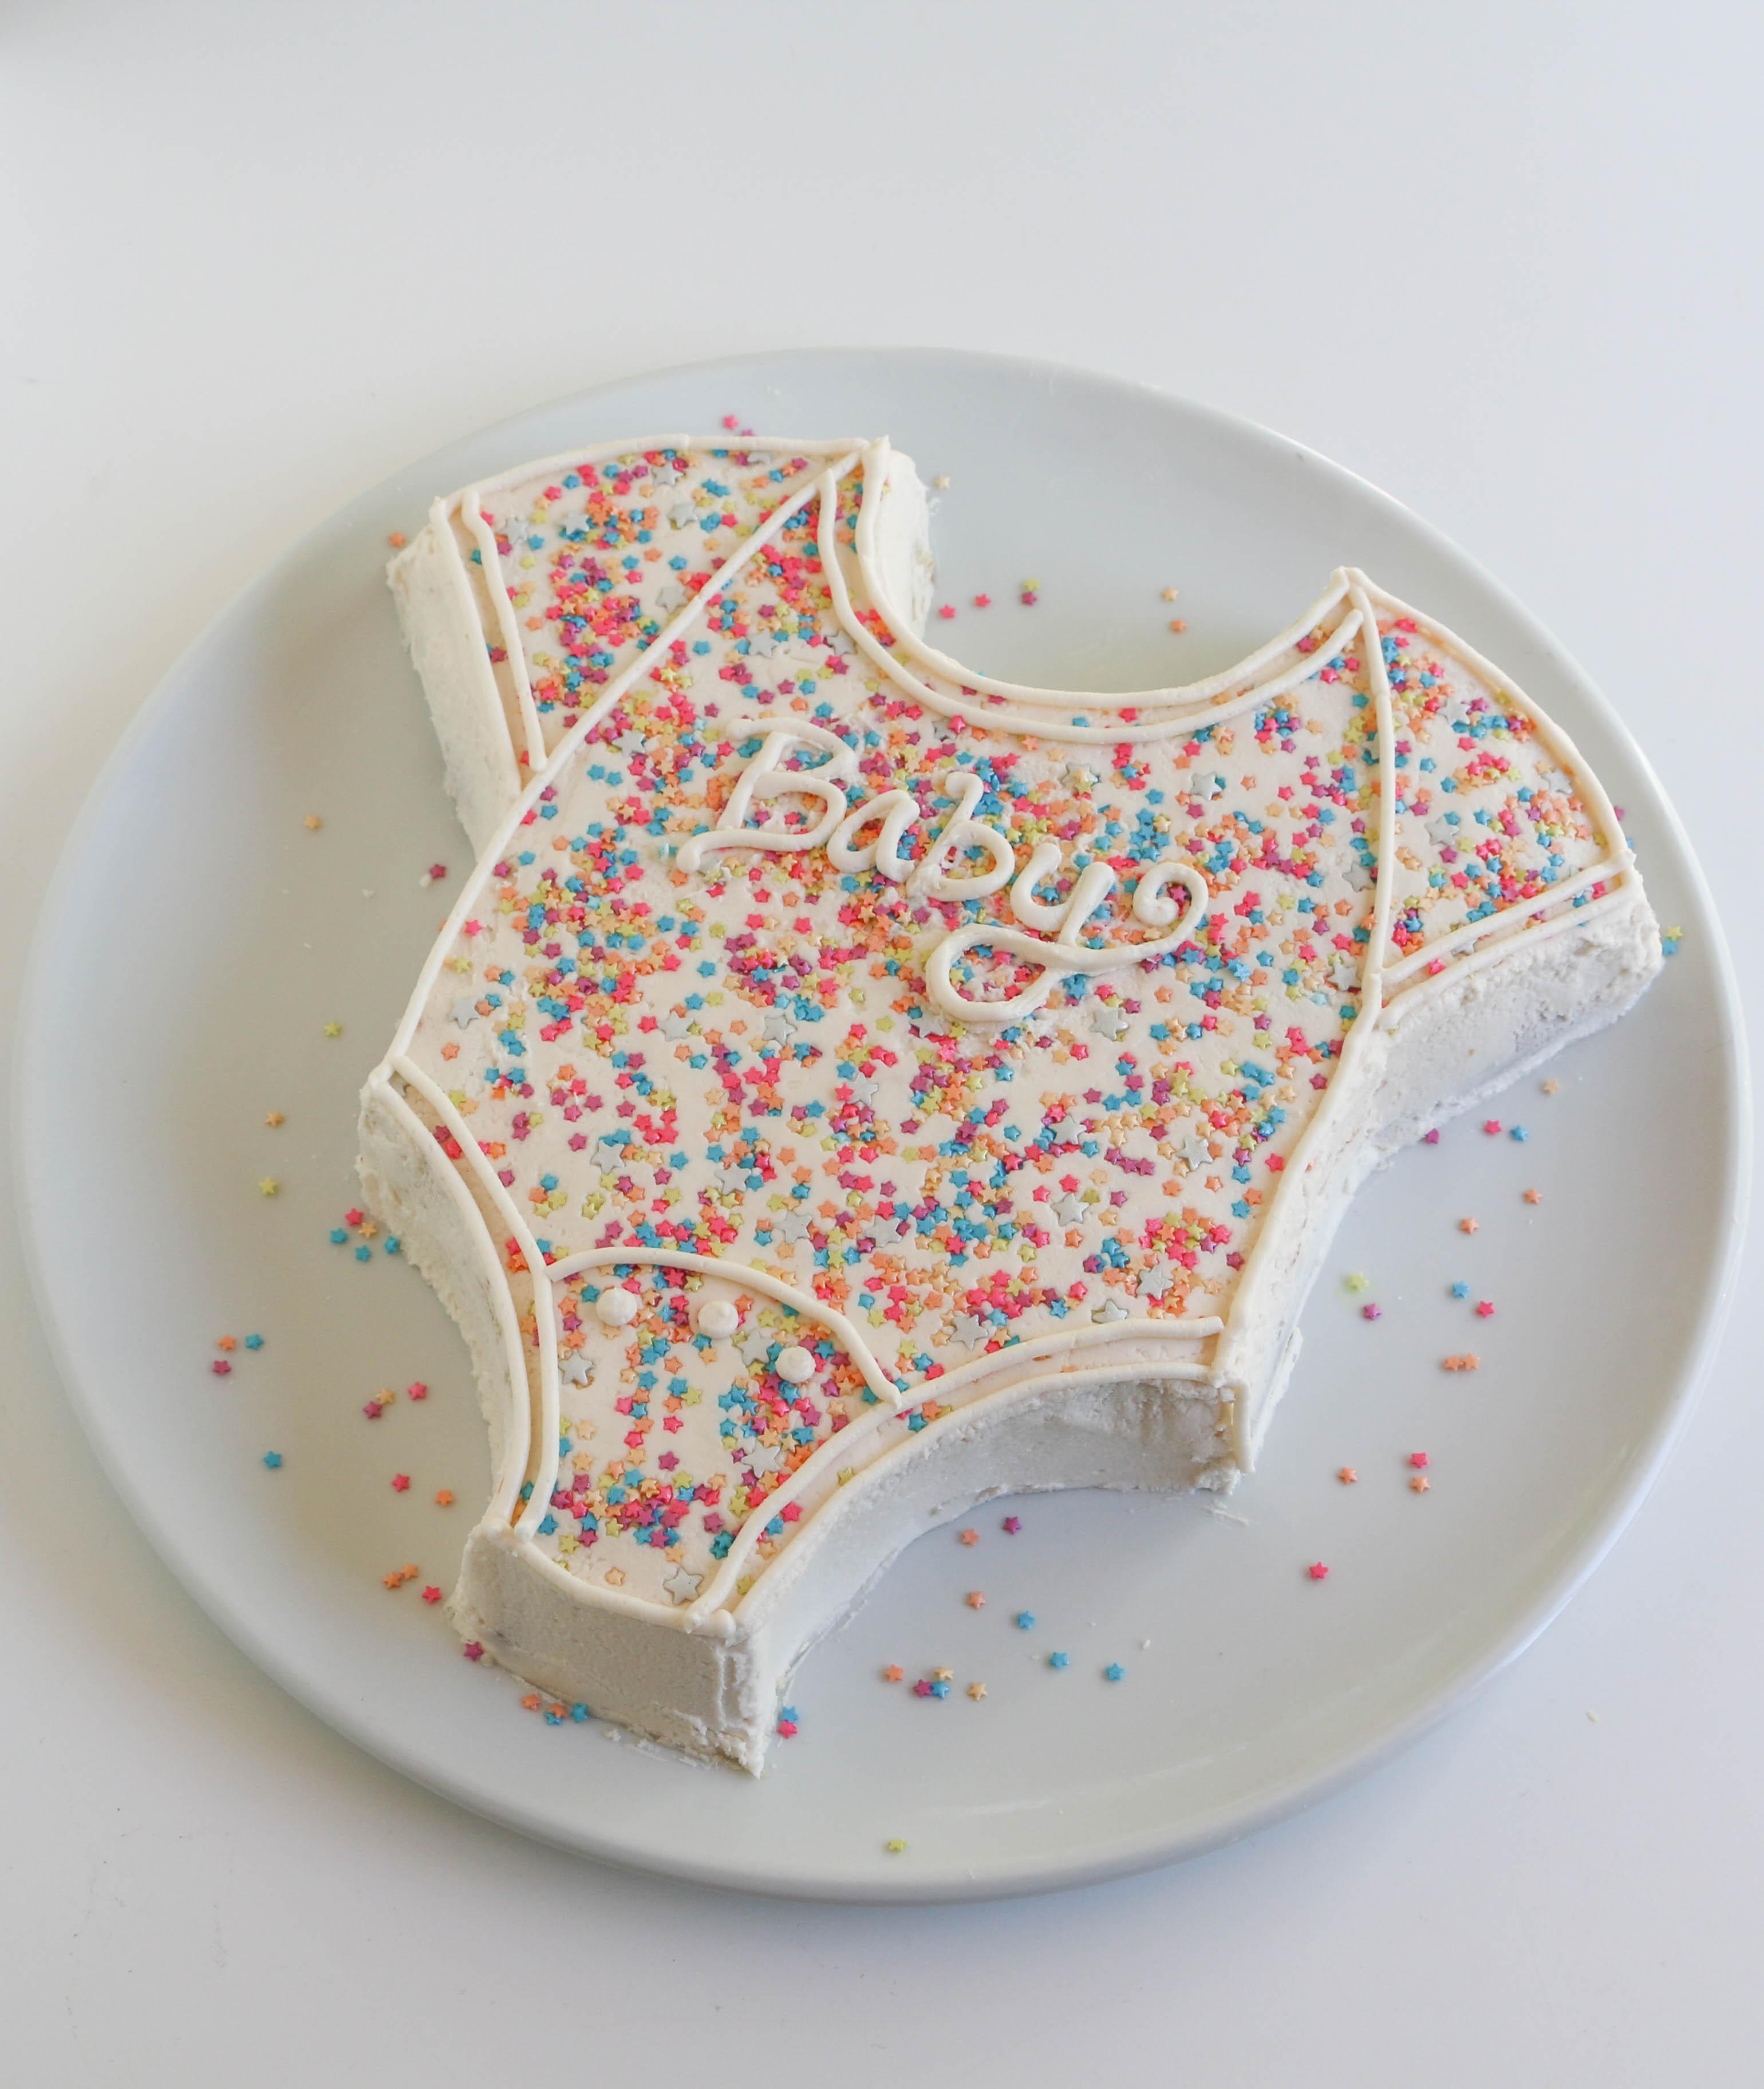 Finished onesie cake | Erin Gardner